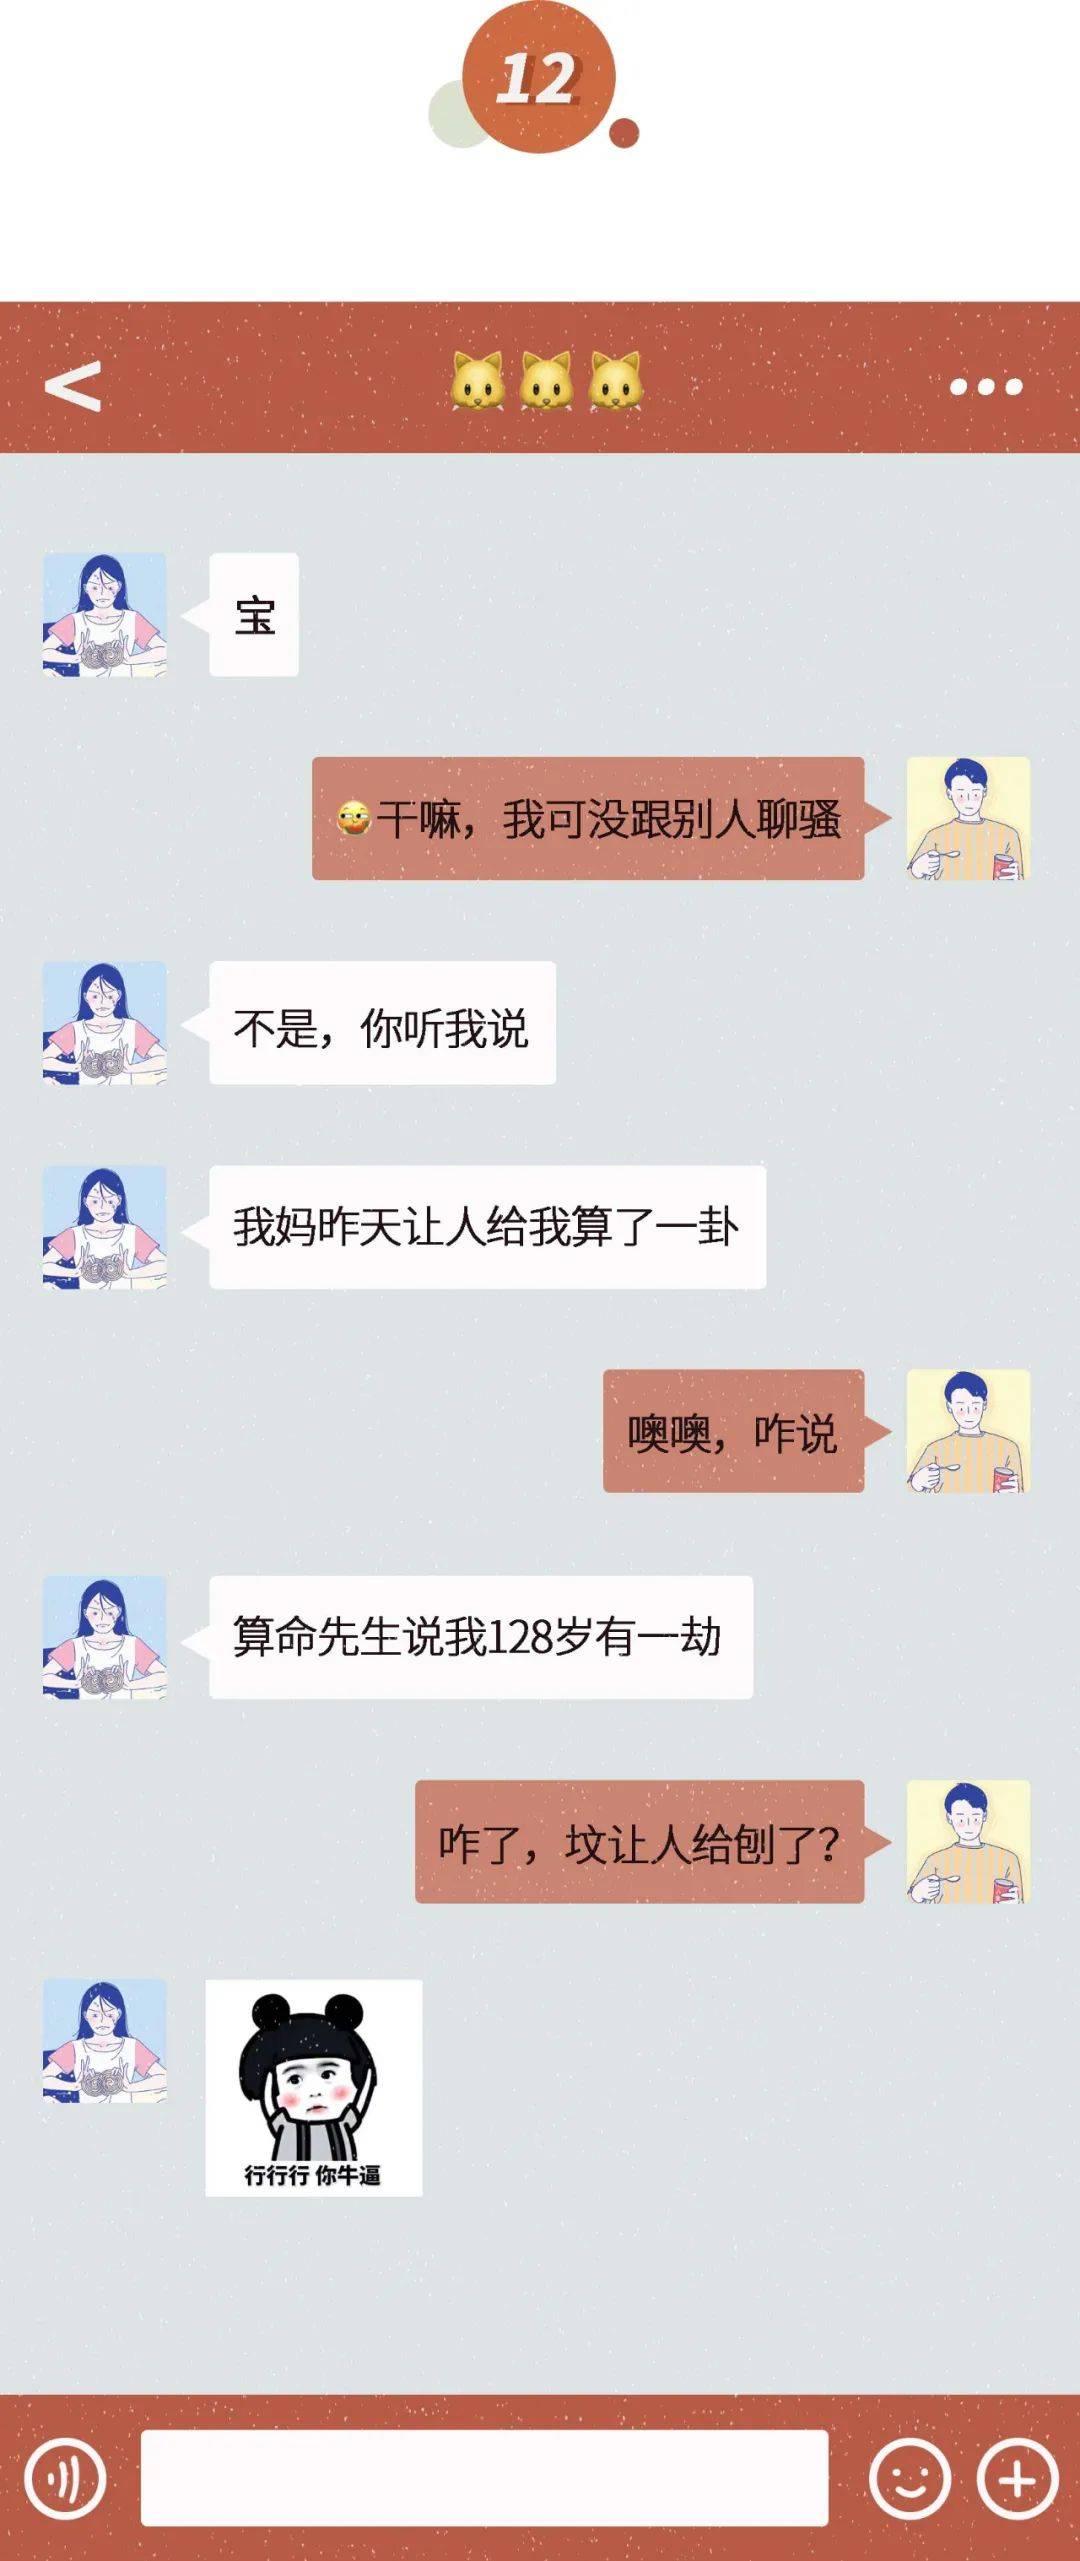 微信表白聊天记录截图